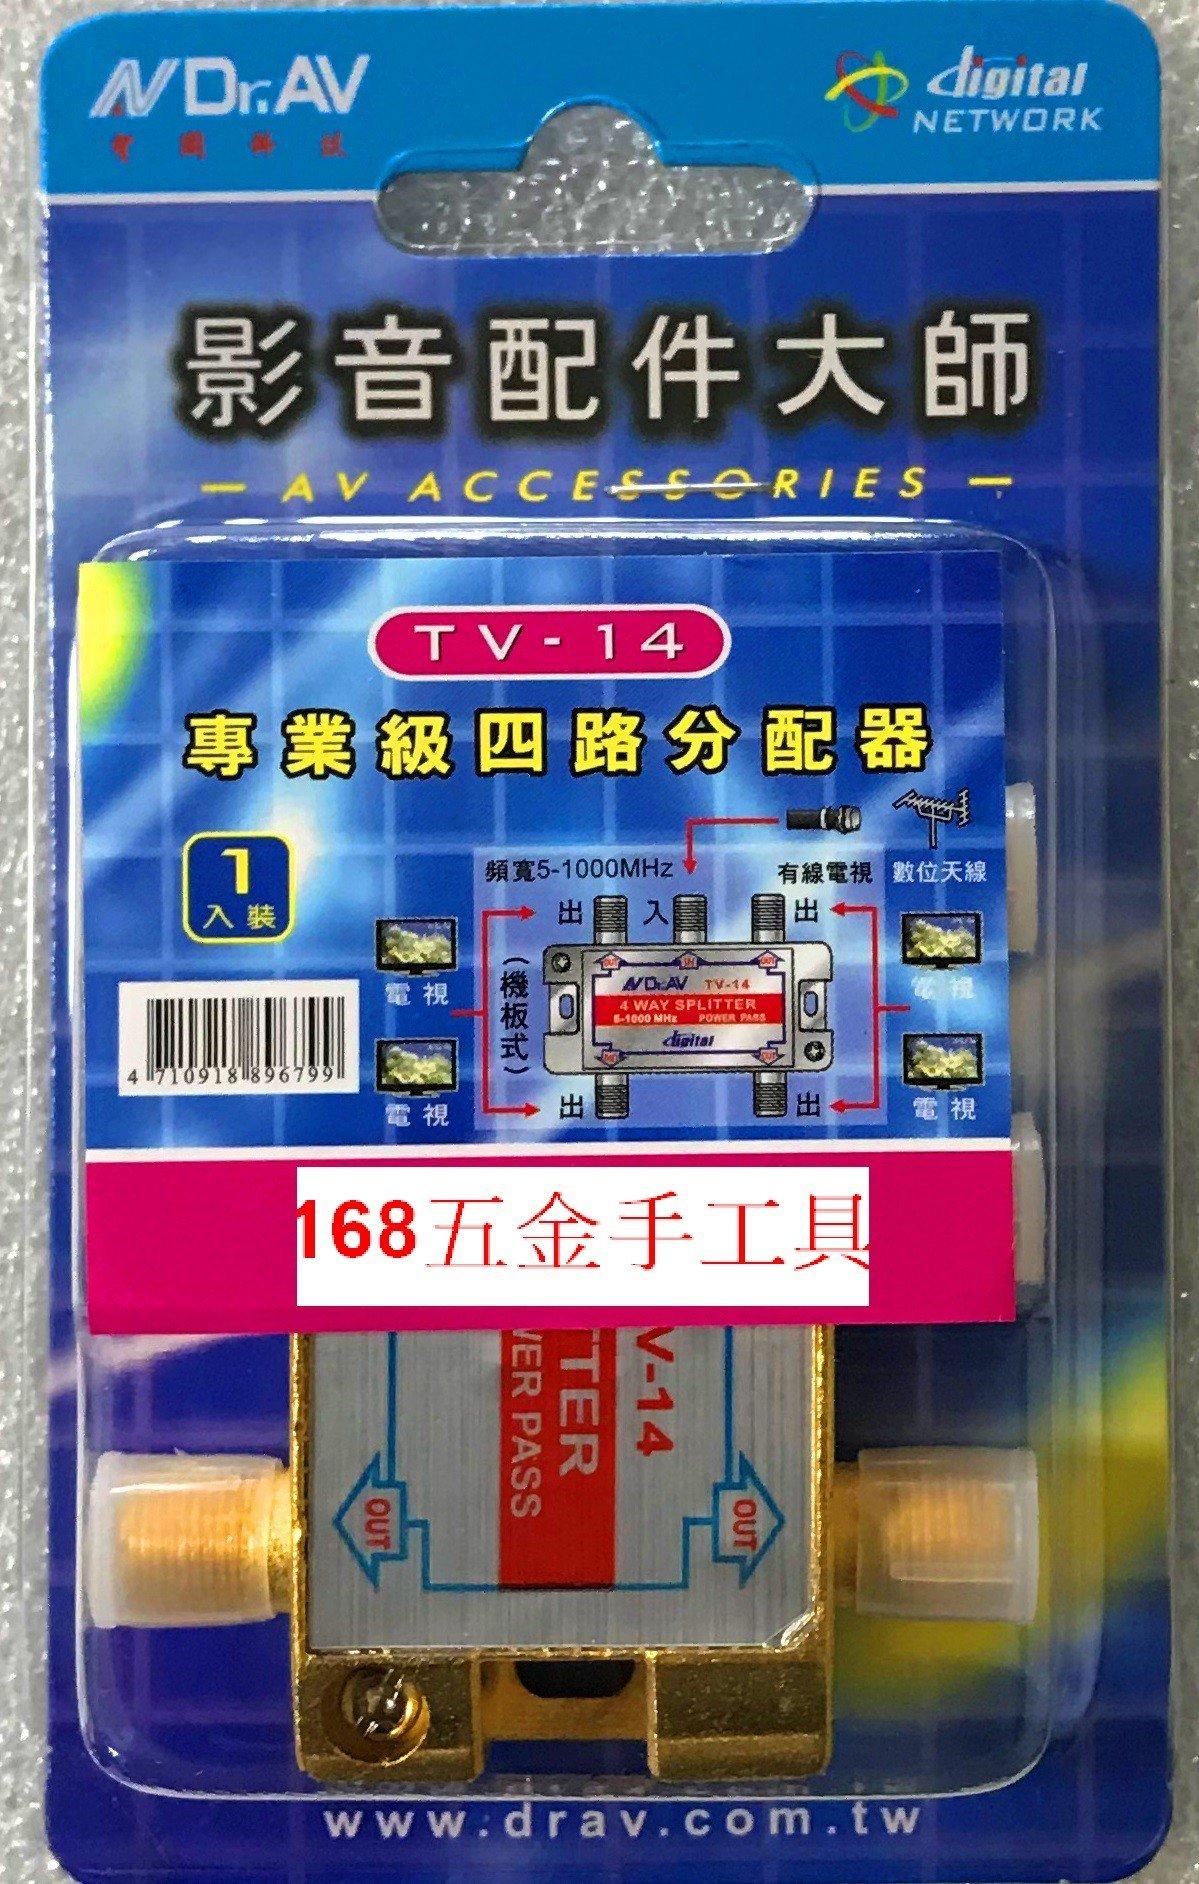 ~168 具~ TV-14(機板式) 級四路分配器 (一入四出) 影音